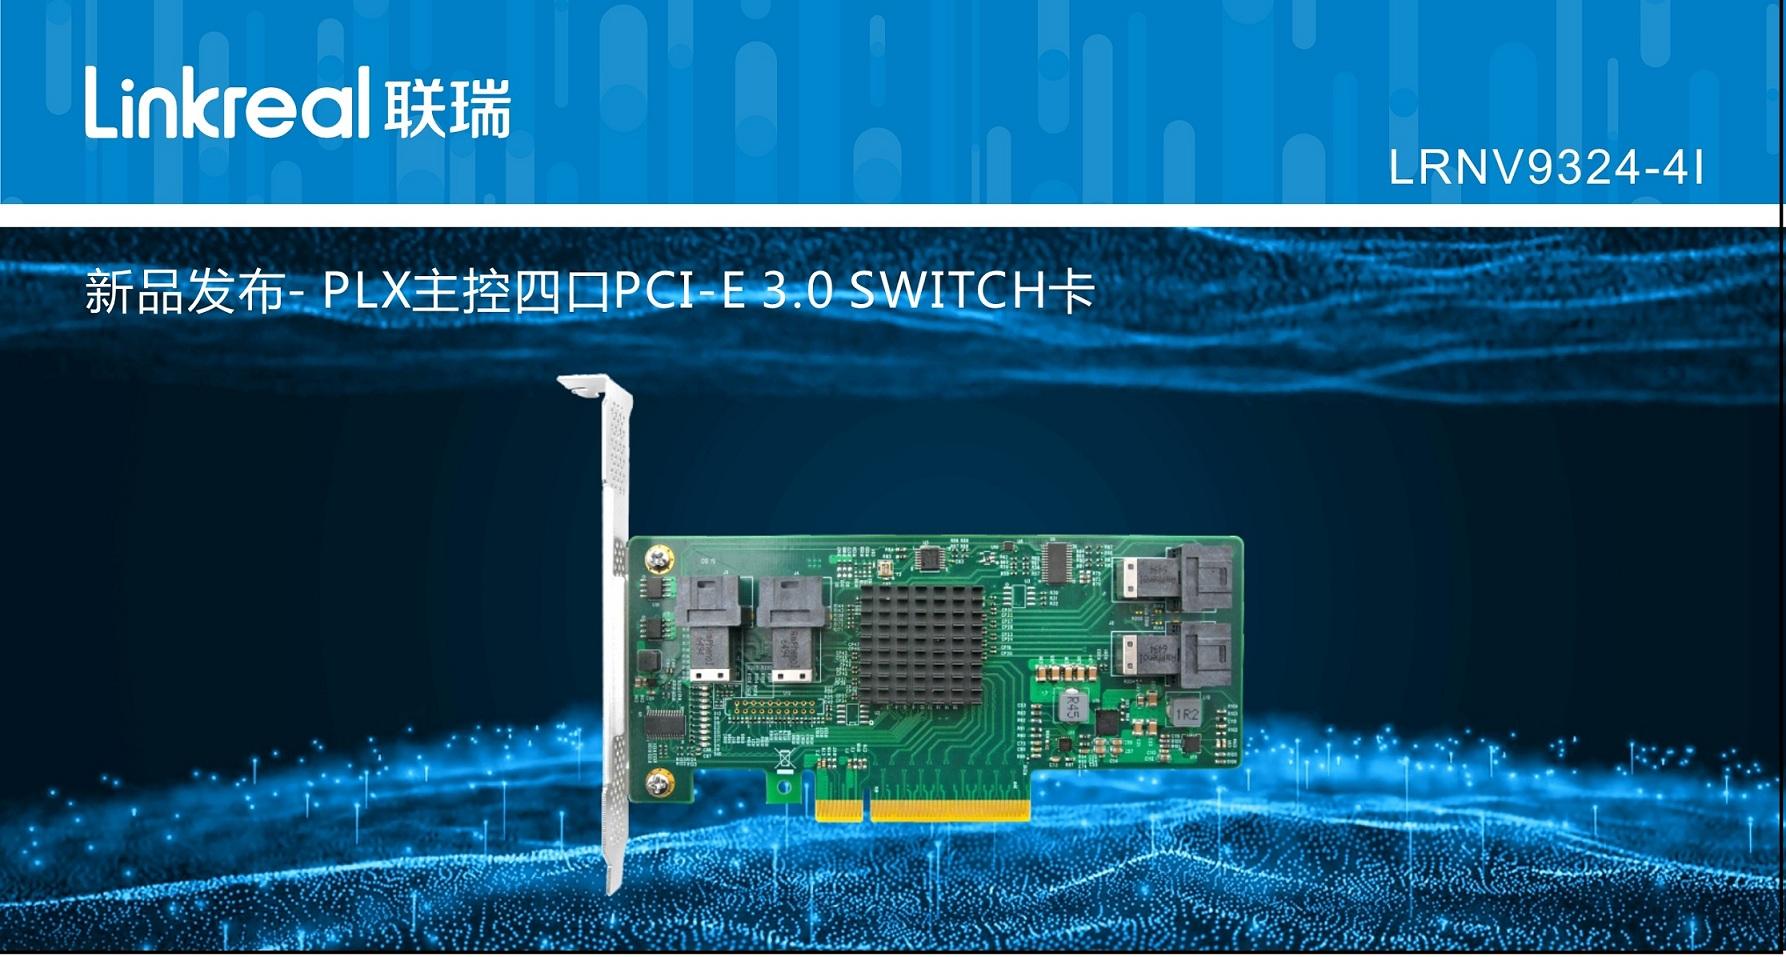 新品发布- PLX主控四口PCI-E 3.0 SWITCH卡